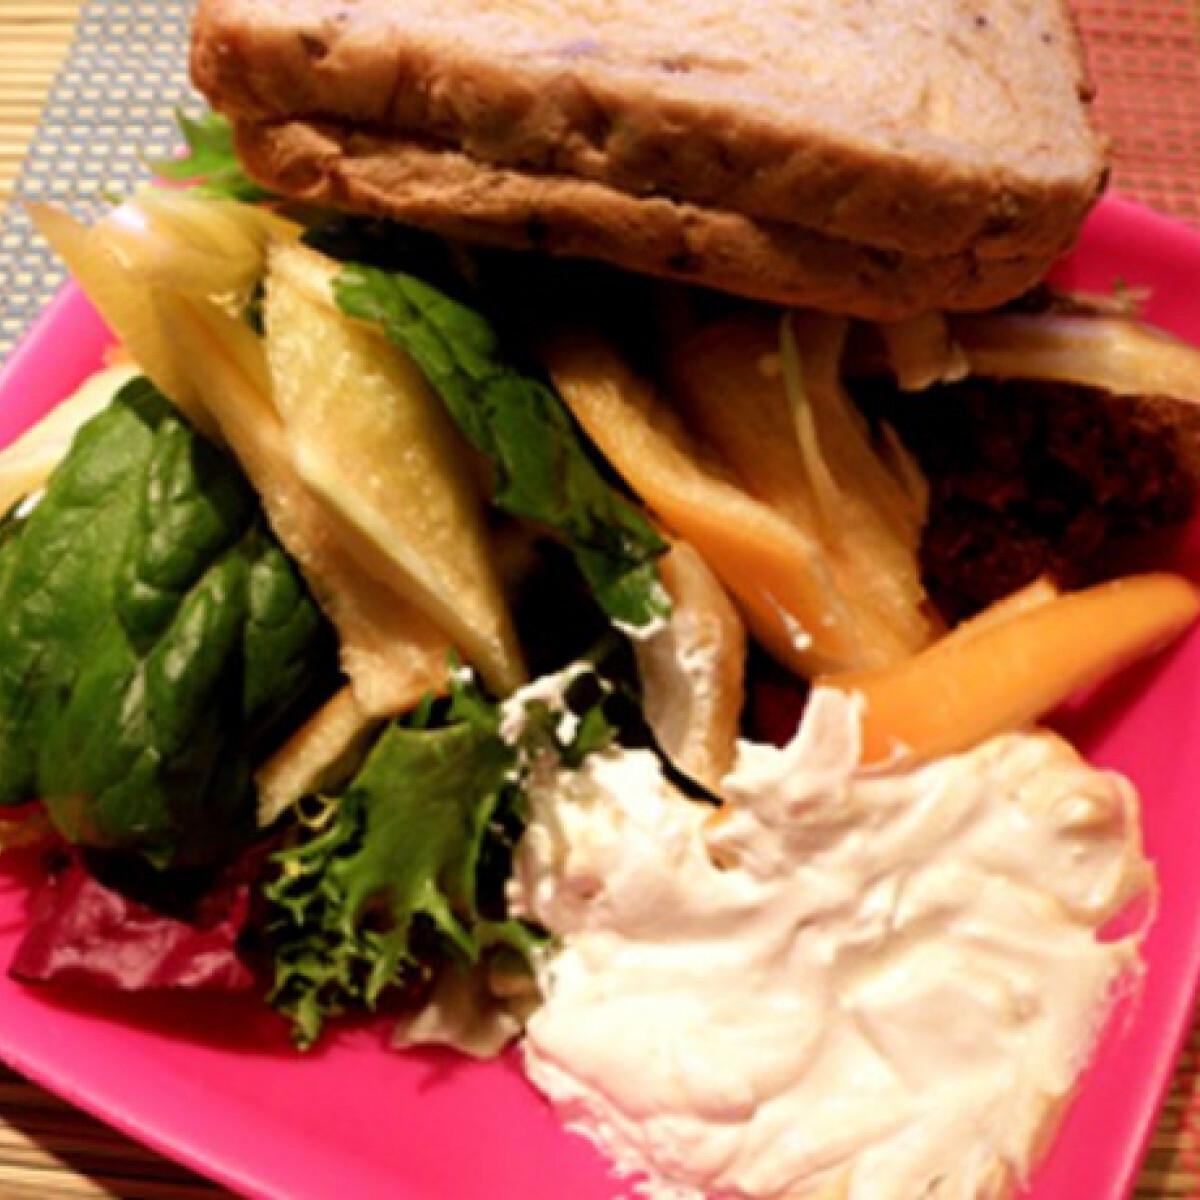 Madárkaja - avagy salátavacsora husival